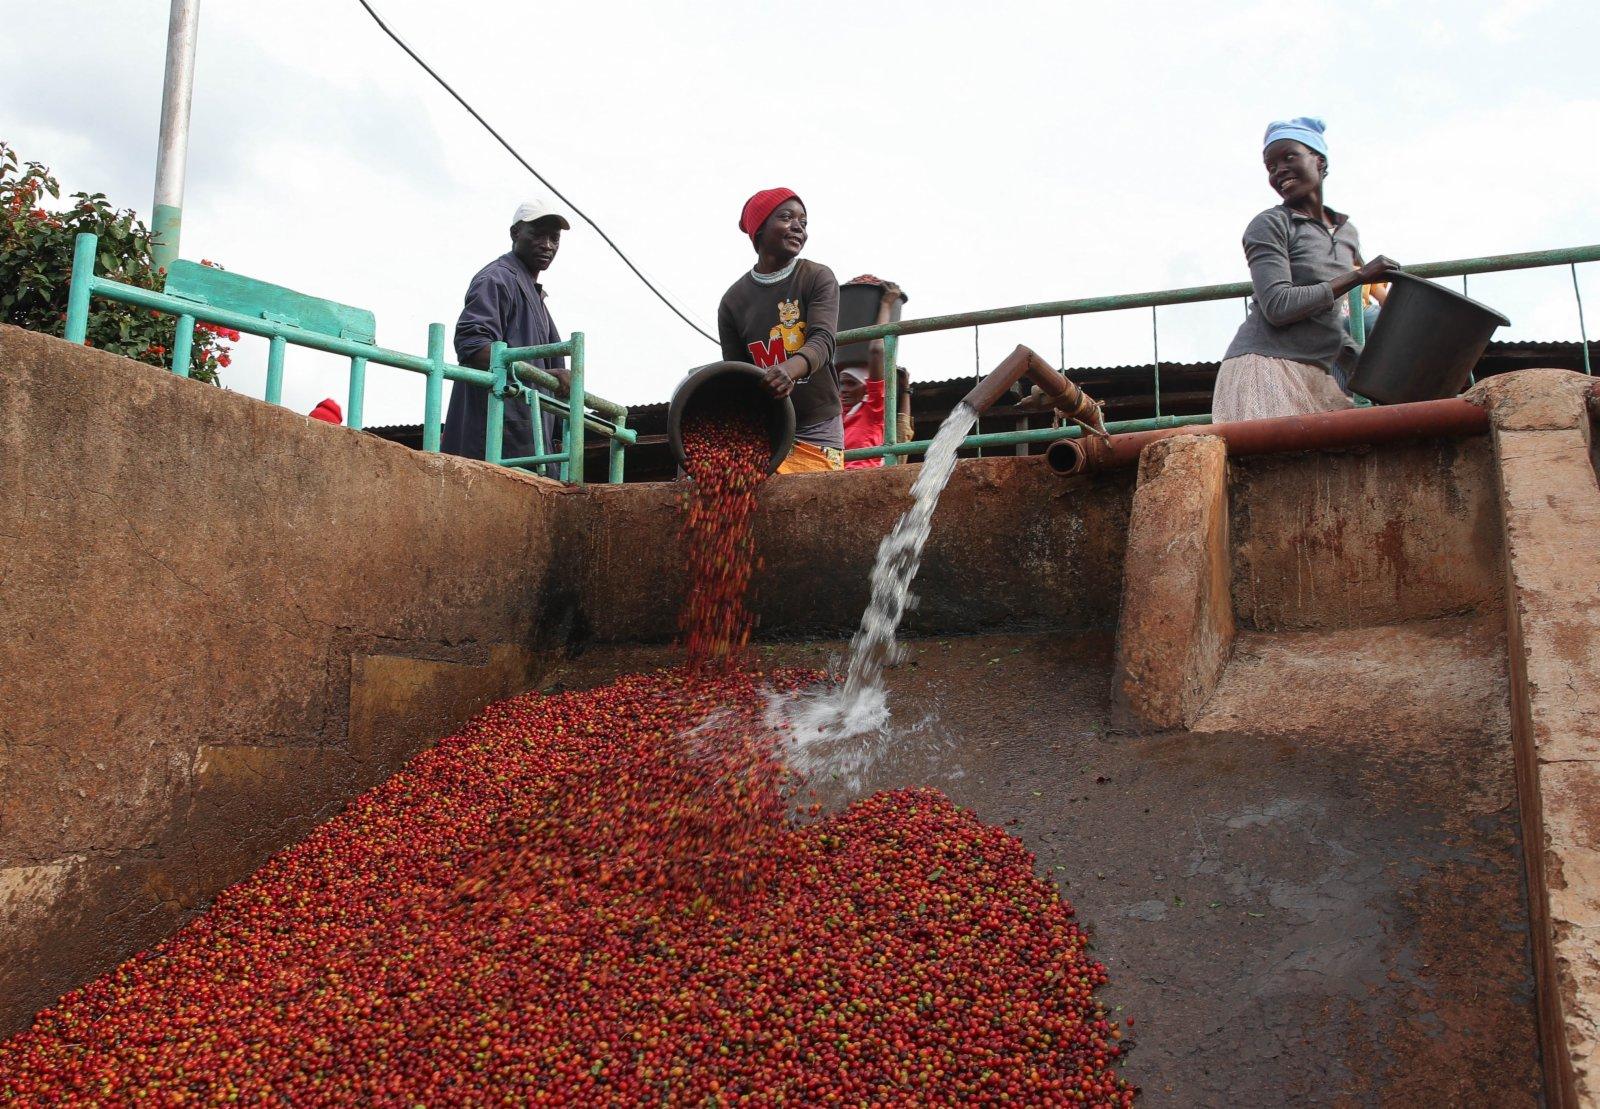 6月3日,在肯尼亞魯伊魯的一家咖啡園,工人將咖啡豆倒入清洗站。(新華社)